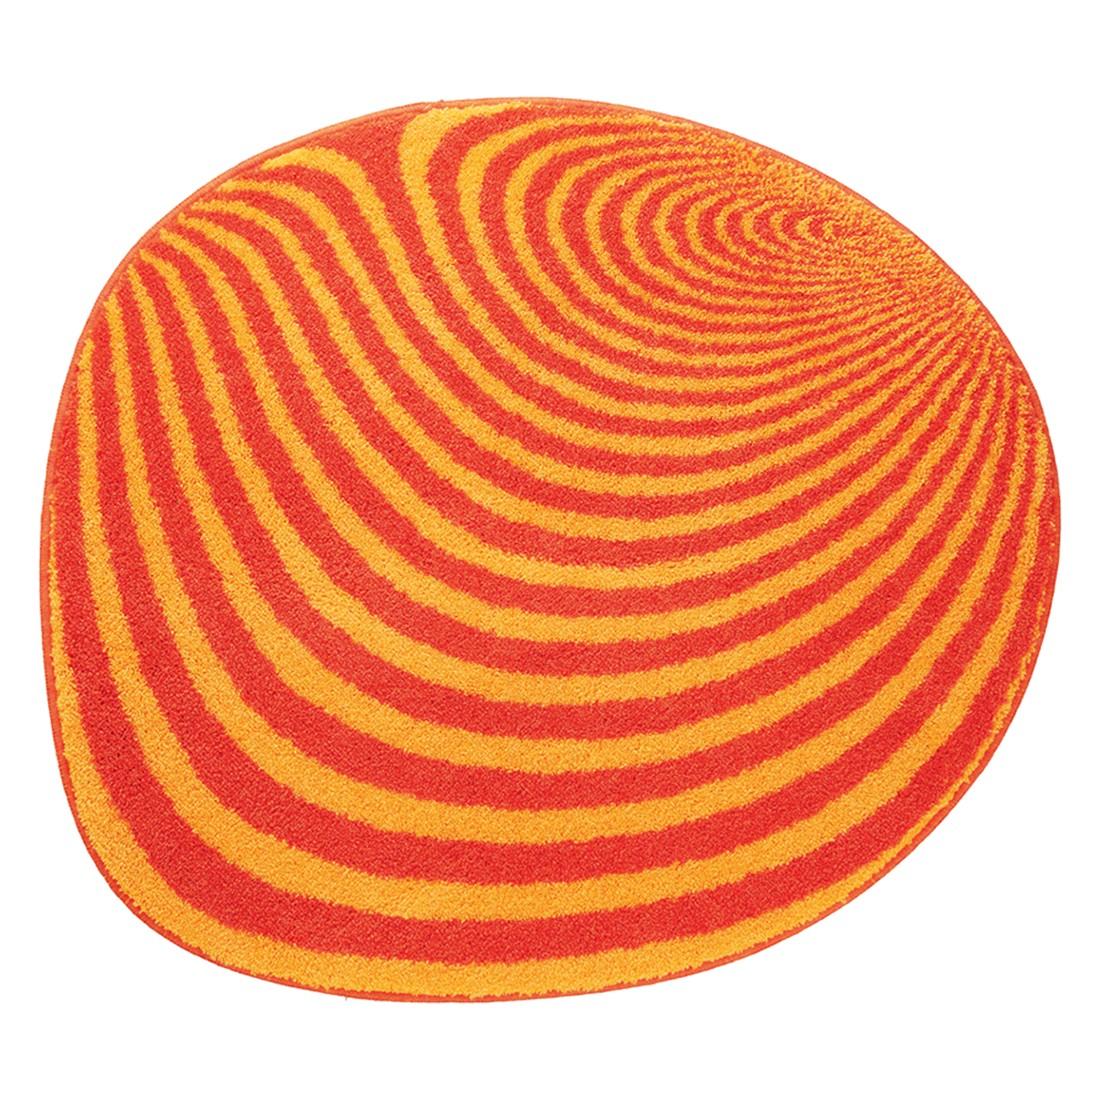 Badteppich Pebble – Orange – Größe: 60 x 100 cm, Grund günstig kaufen